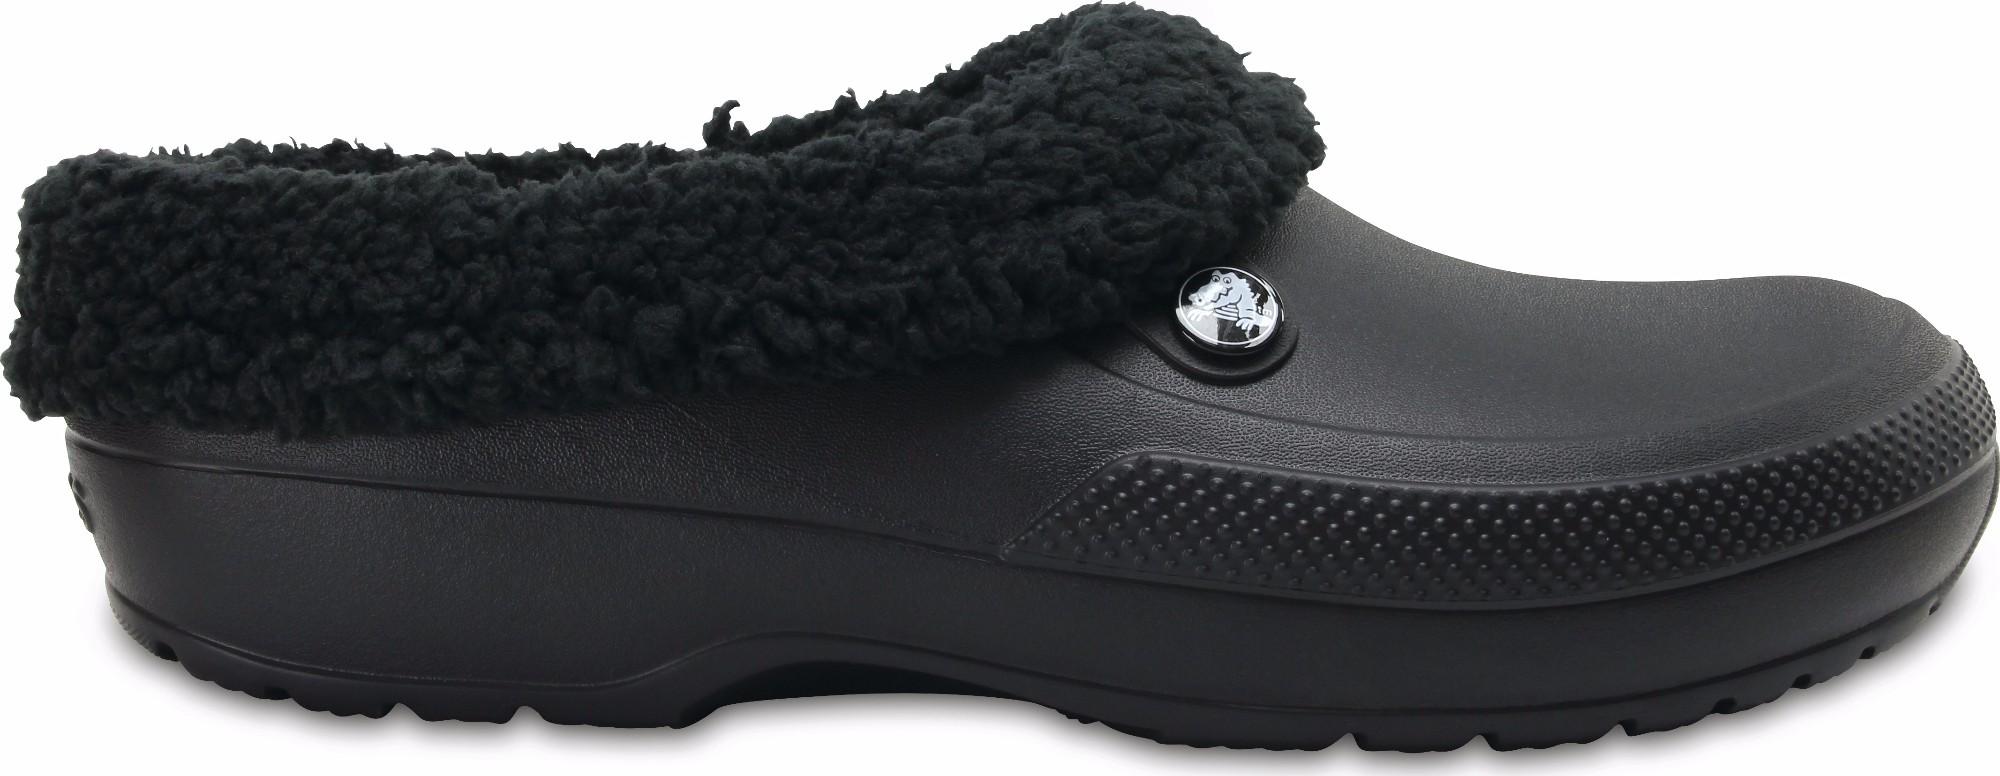 Crocs™ Classic Blitzen III Clog Black/Black 42,5